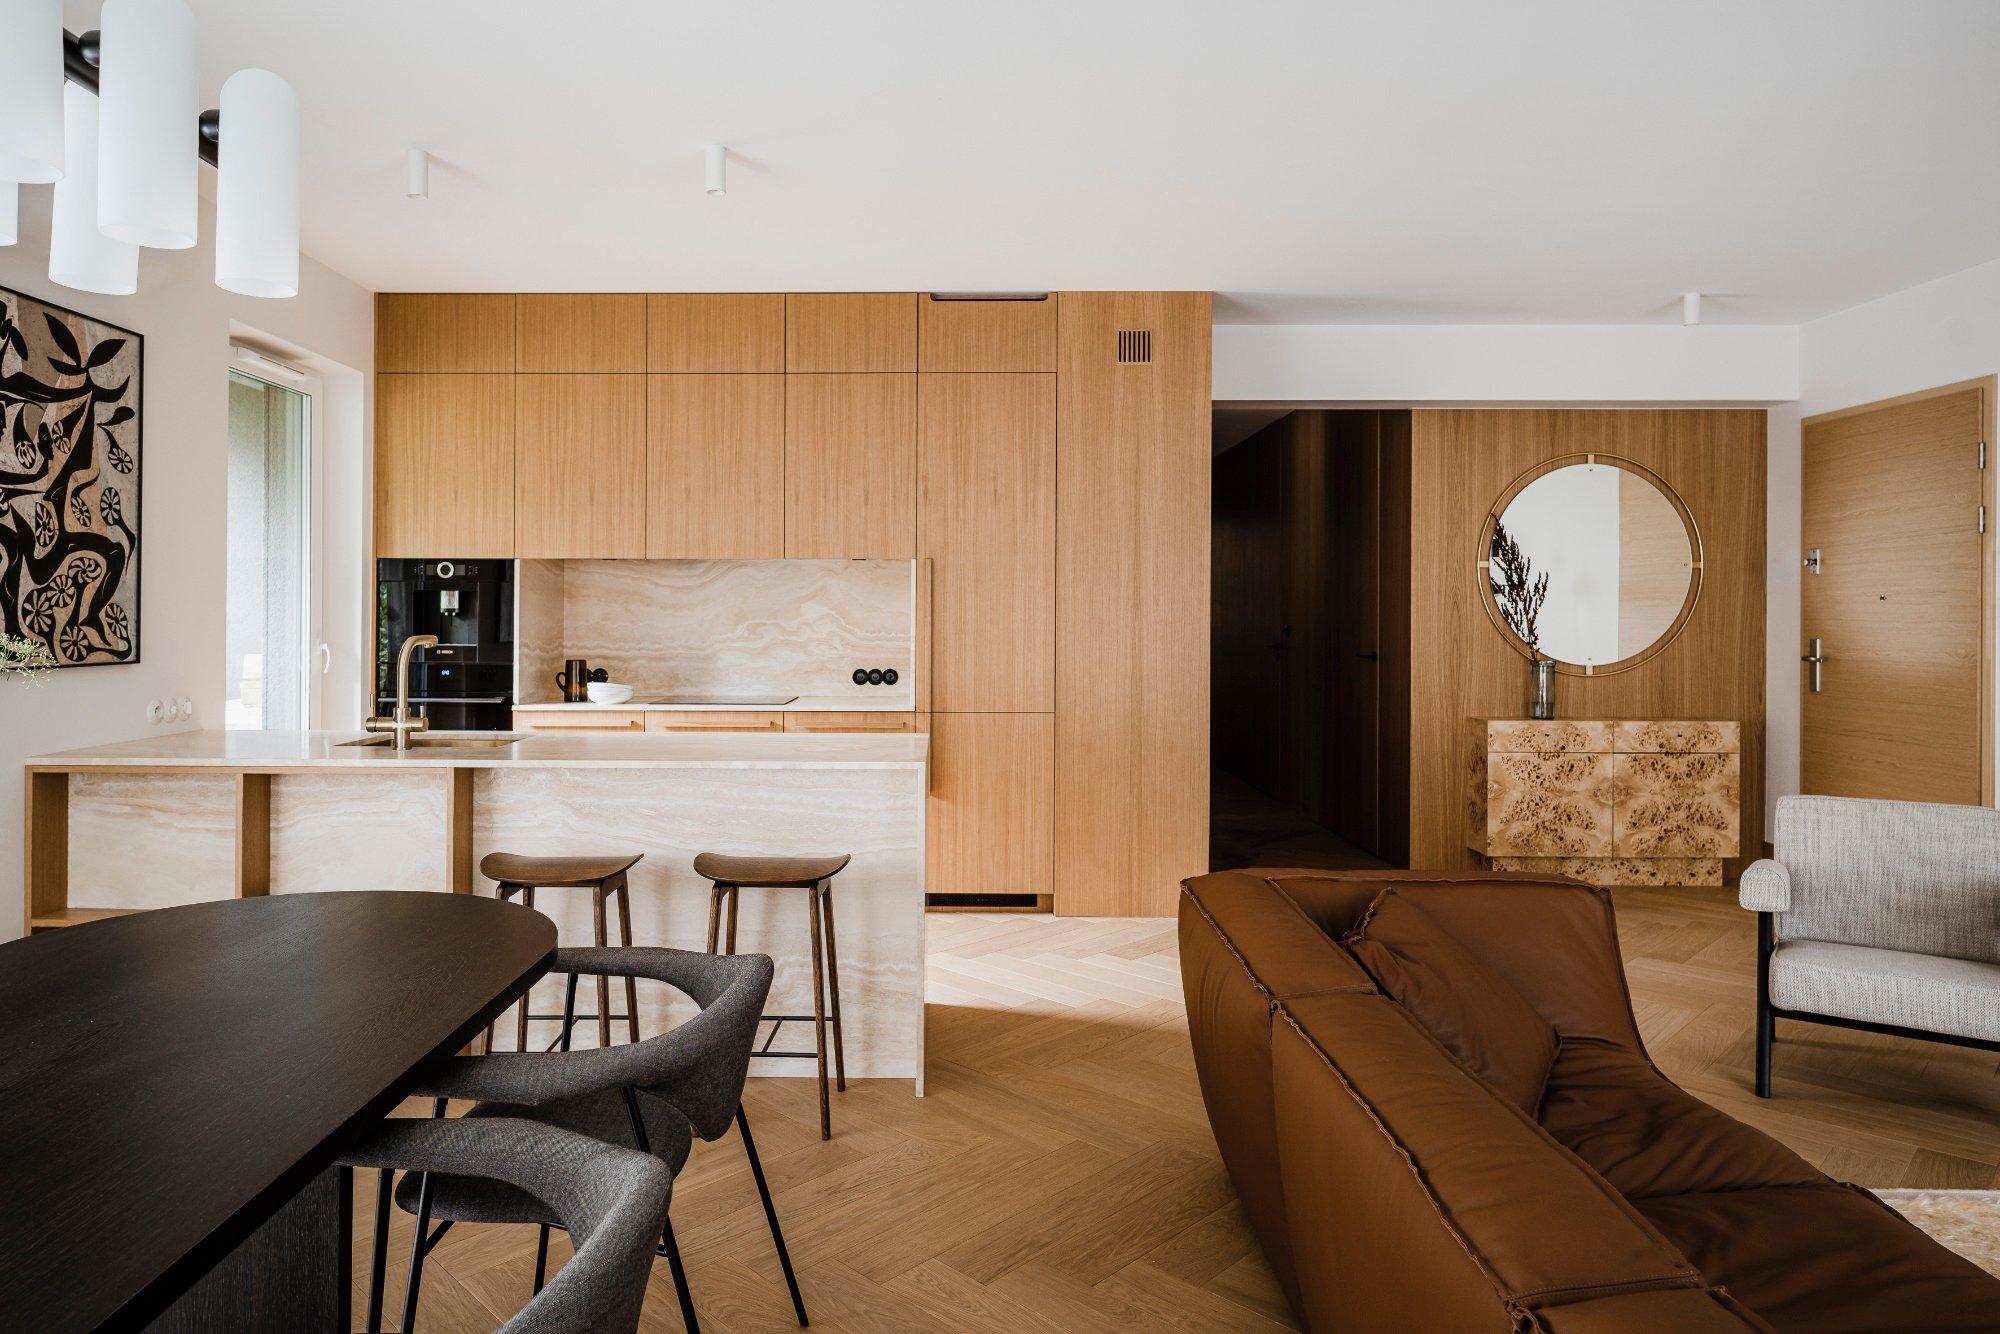 Die Architektin Agnieszka Owsiany gestaltete für ein Paar mit hektischem Alltag ein Apartment, das – dank warmer Farben und Naturmaterialien – Ruhe ausstrahlt.